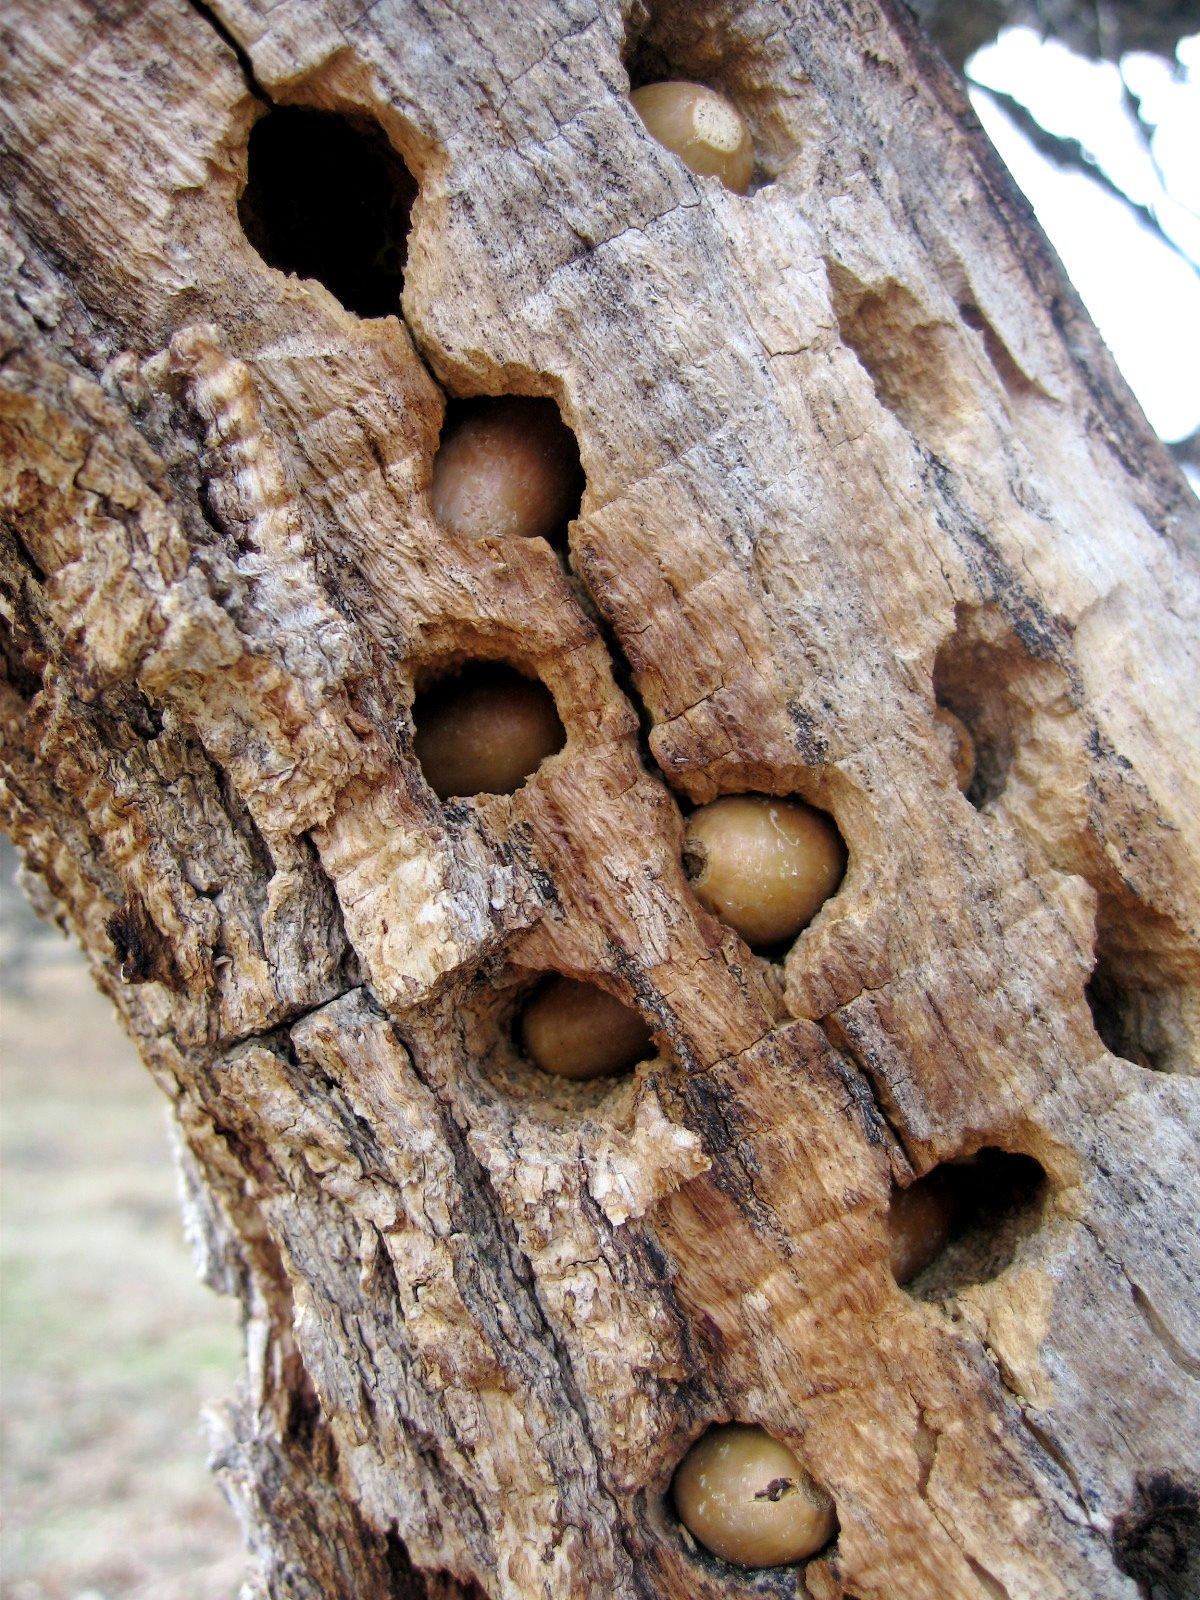 [acorns+]